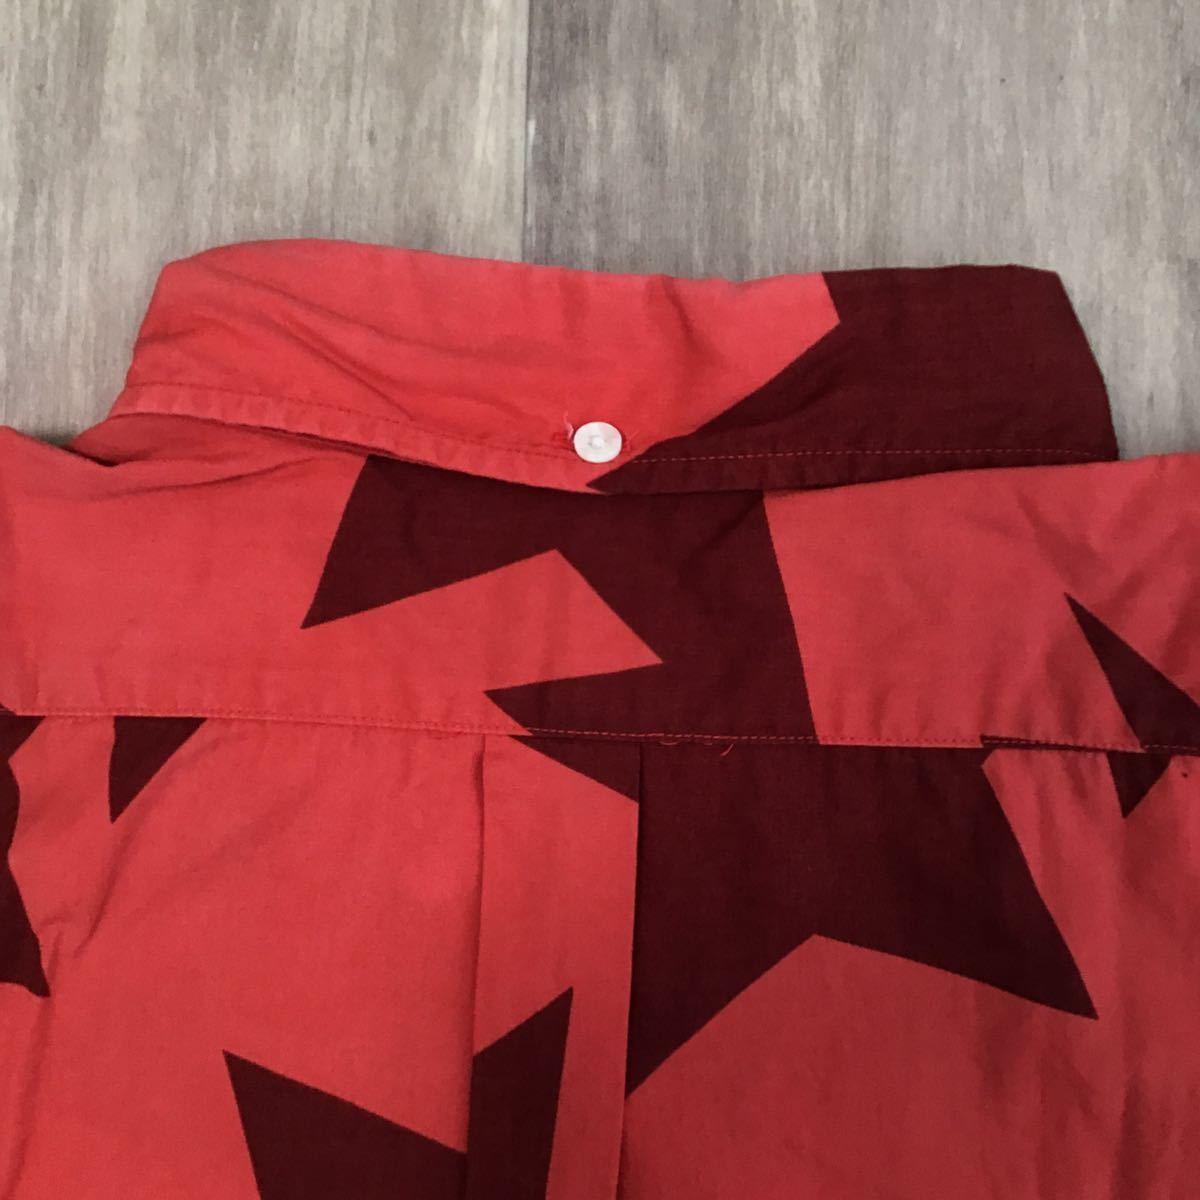 bapesta 半袖シャツ Mサイズ red a bathing ape bape sta エイプ ベイプ アベイシングエイプ スター star 7445